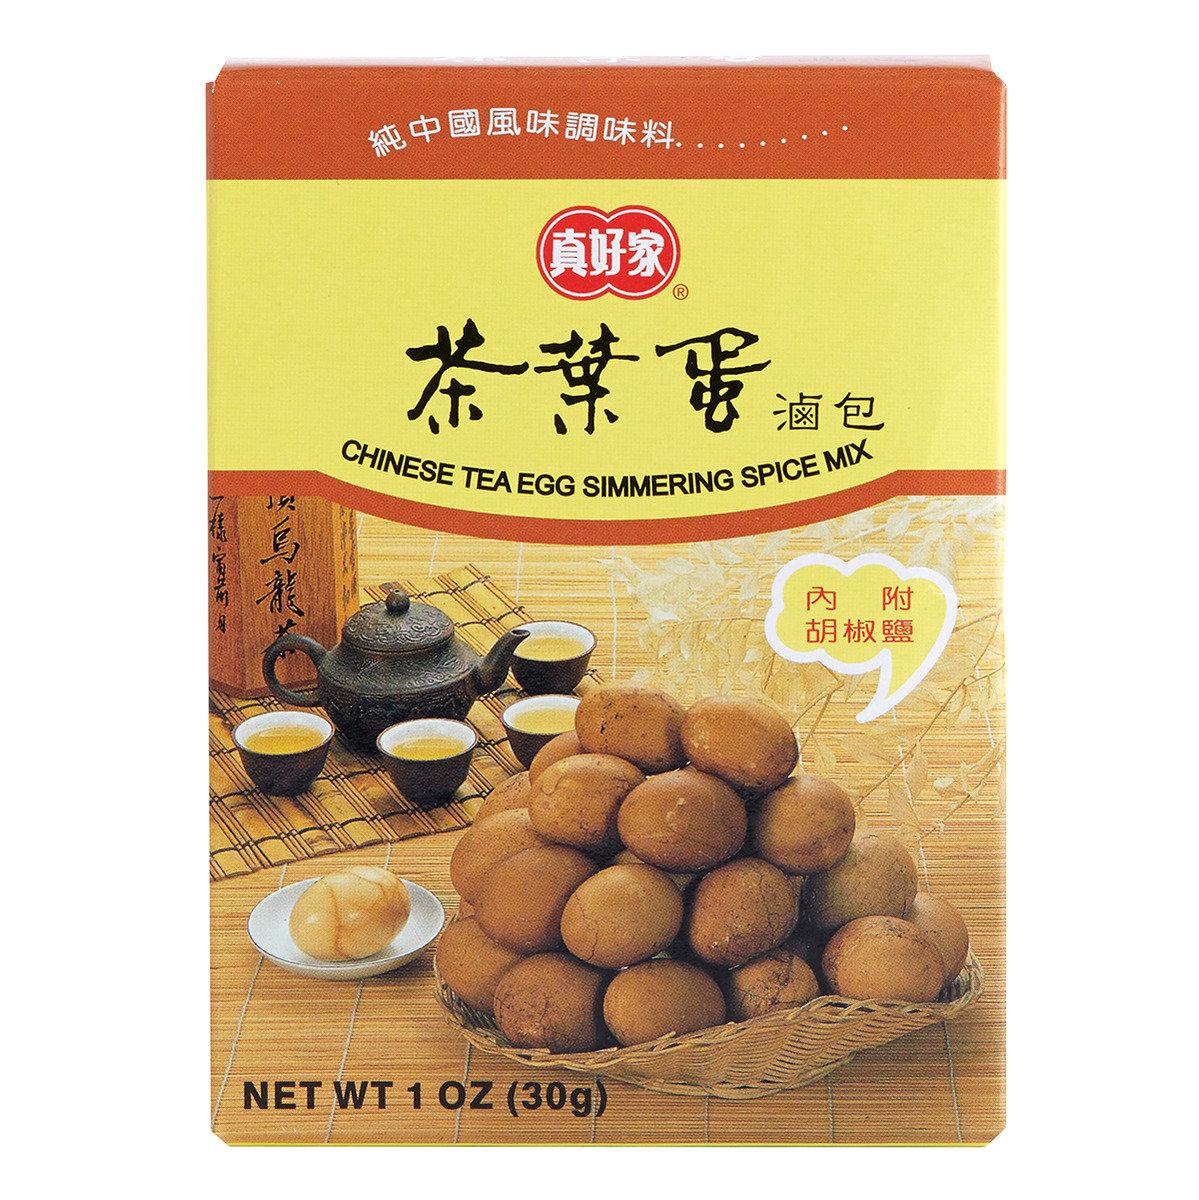 茶葉蛋滷包x 2盒